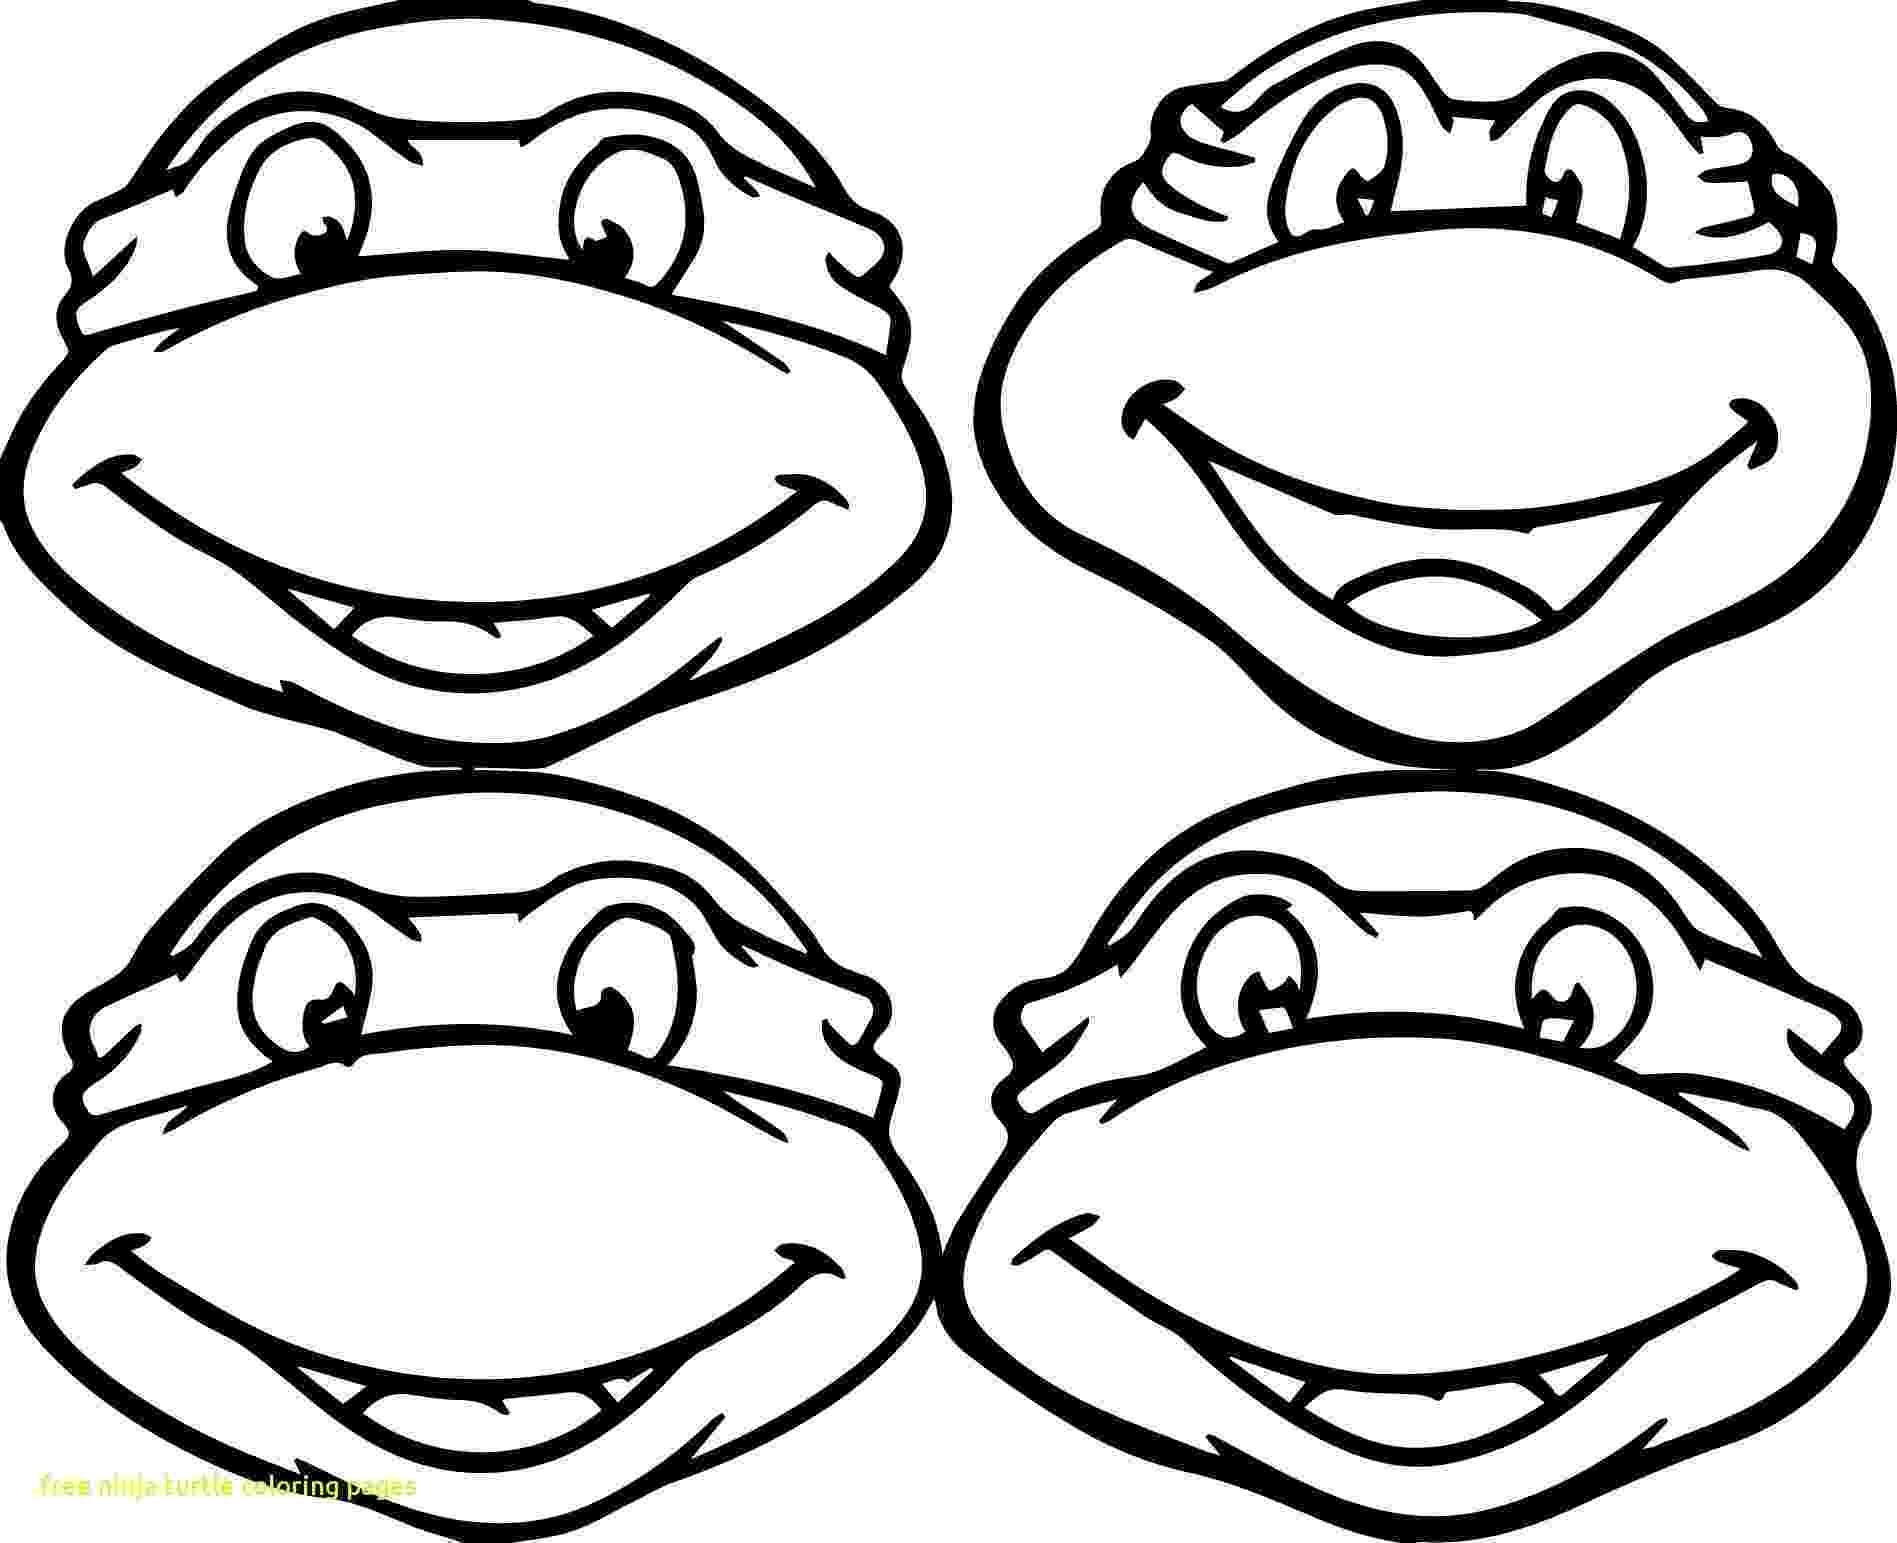 tmnt coloring games 88 best ninja turtles coloring pages images on pinterest tmnt coloring games